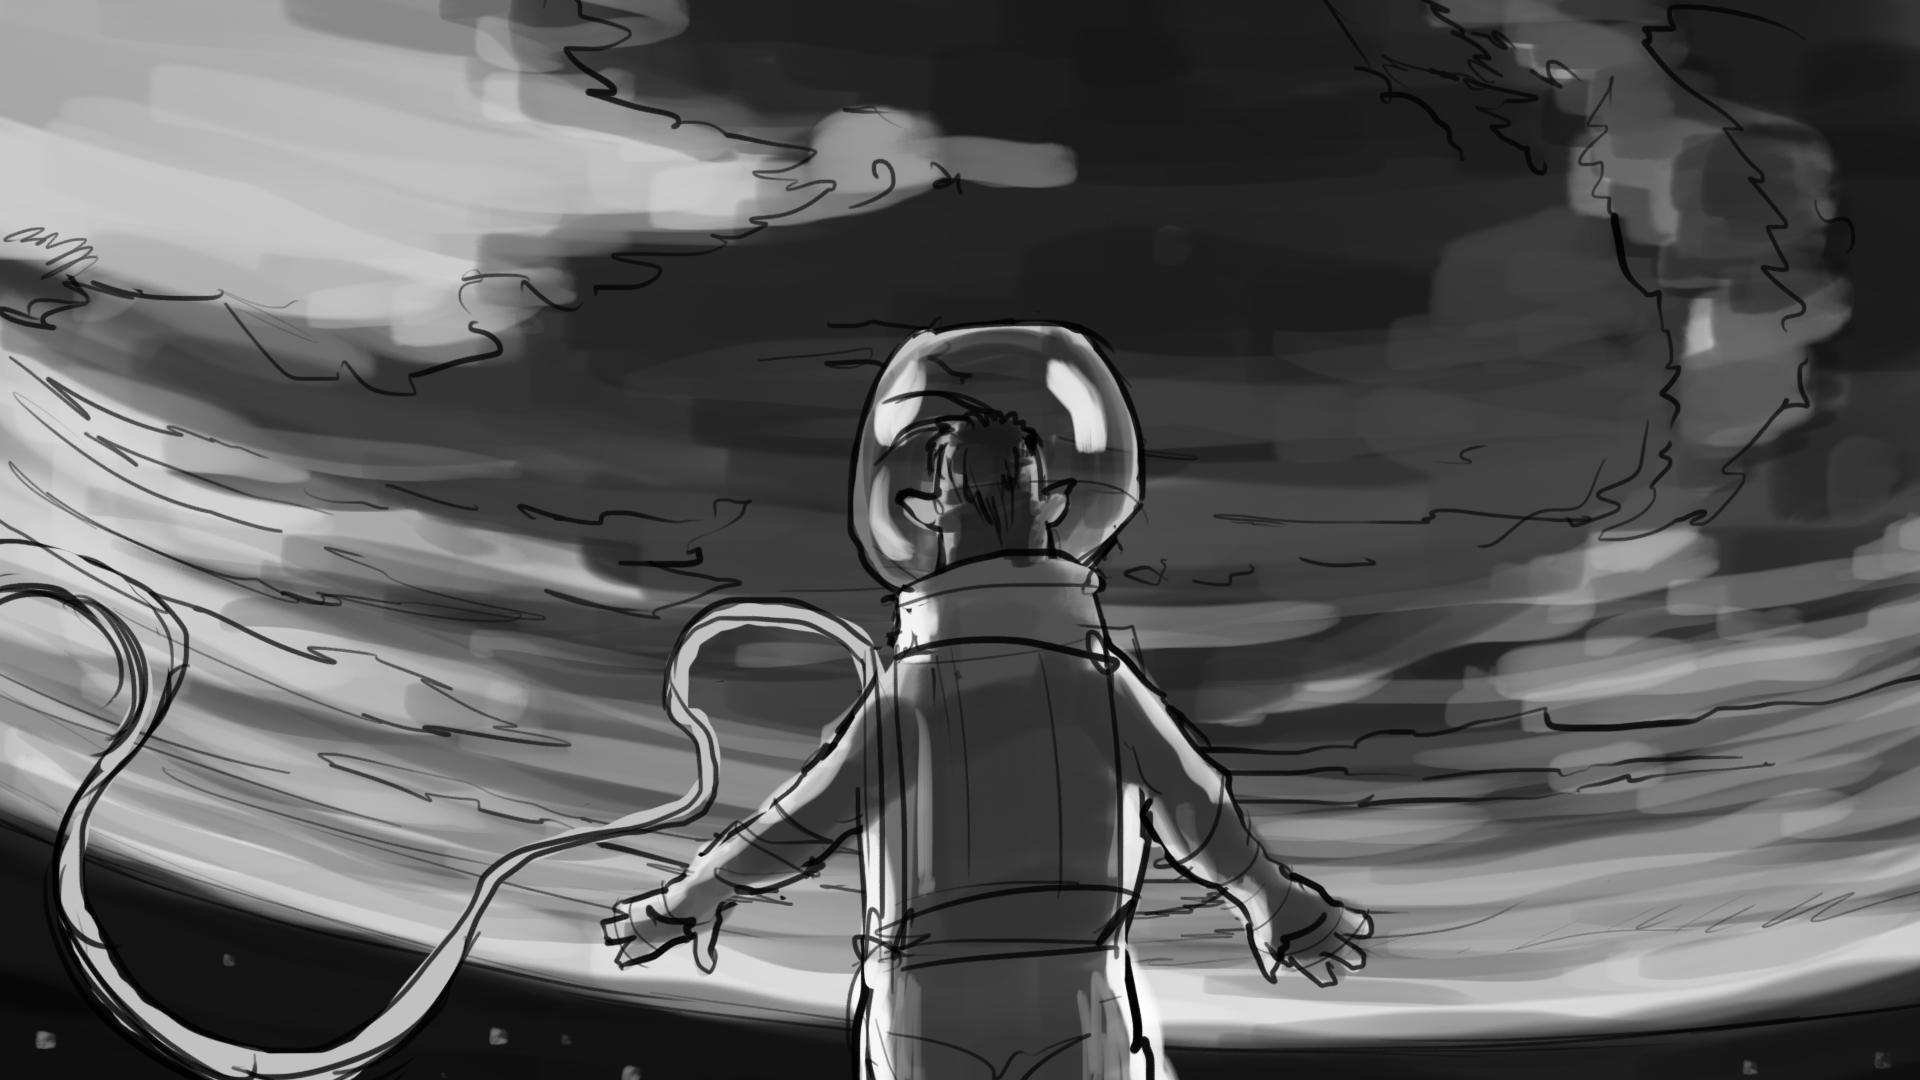 Rocket_Man_Storyboard_Artboard 8.jpg